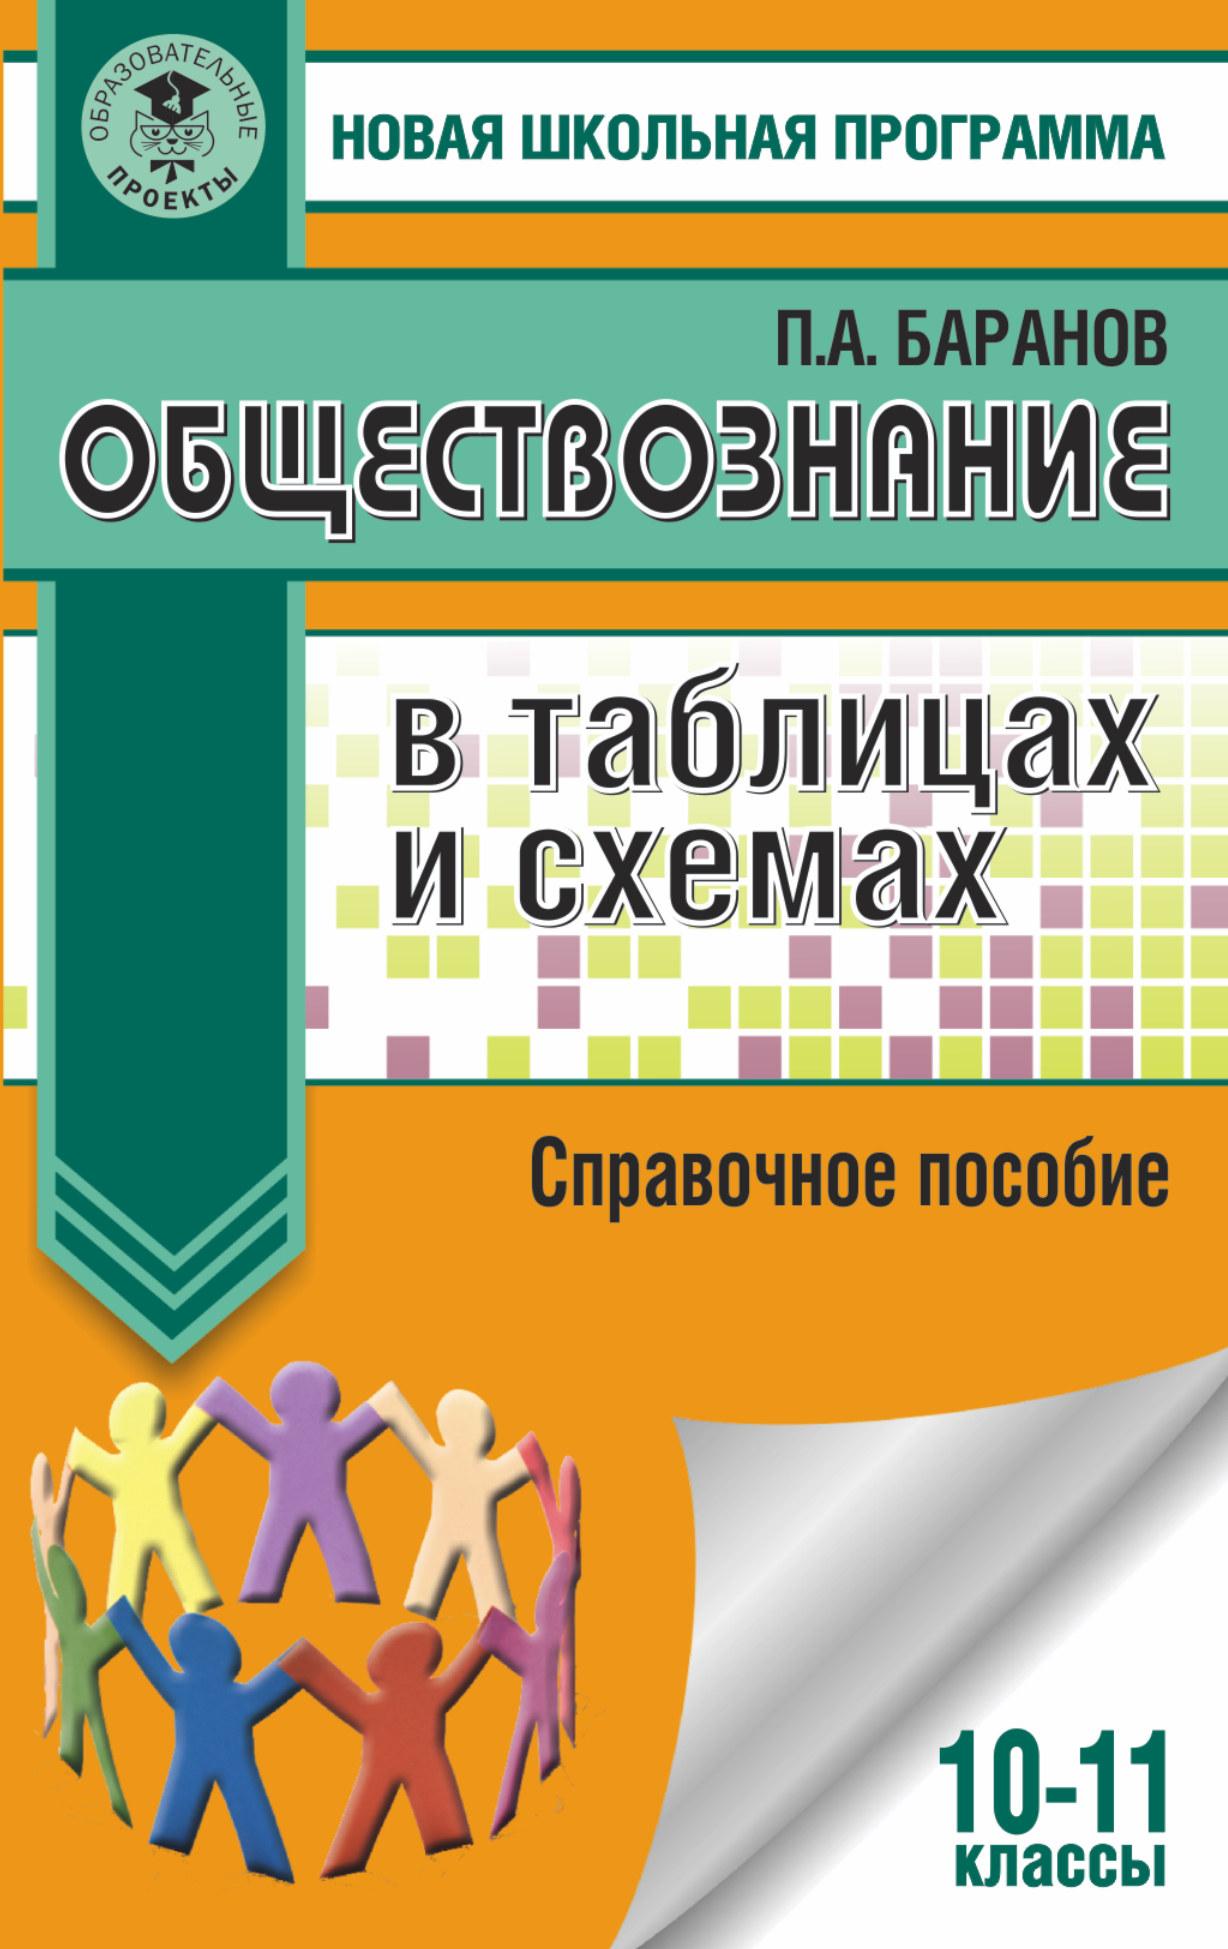 Обществознание в таблицах и схемах. Справочное пособие. 10-11 классы от book24.ru